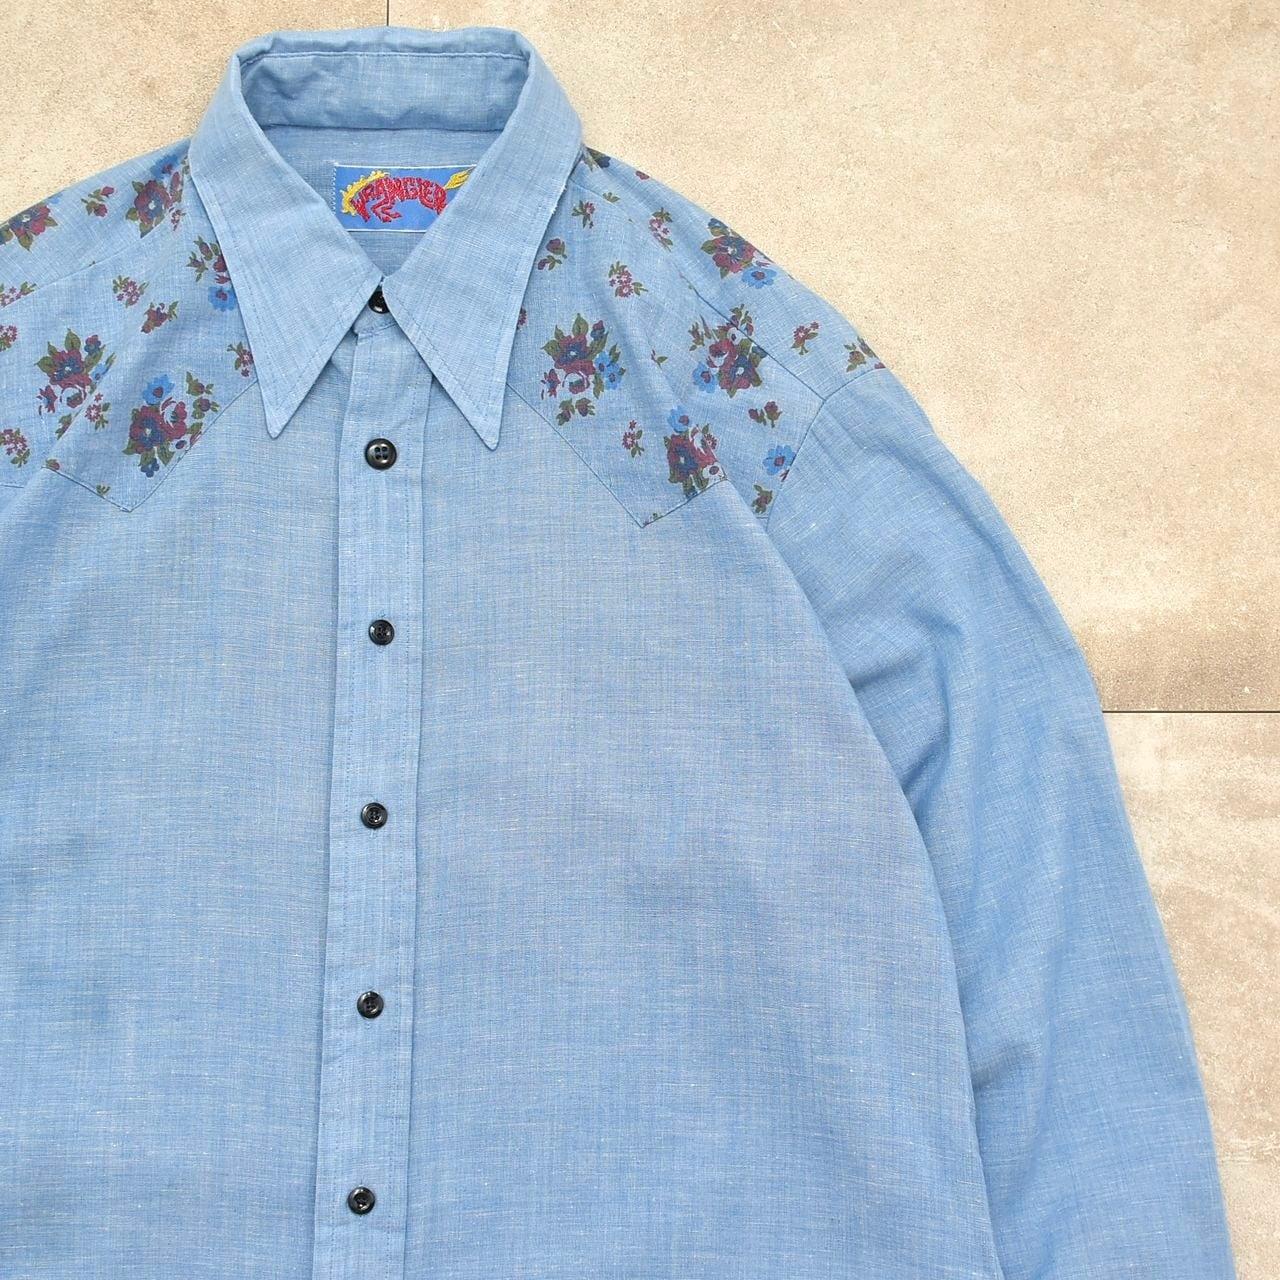 Unisex size 70's Wrangler big size chambray shirt